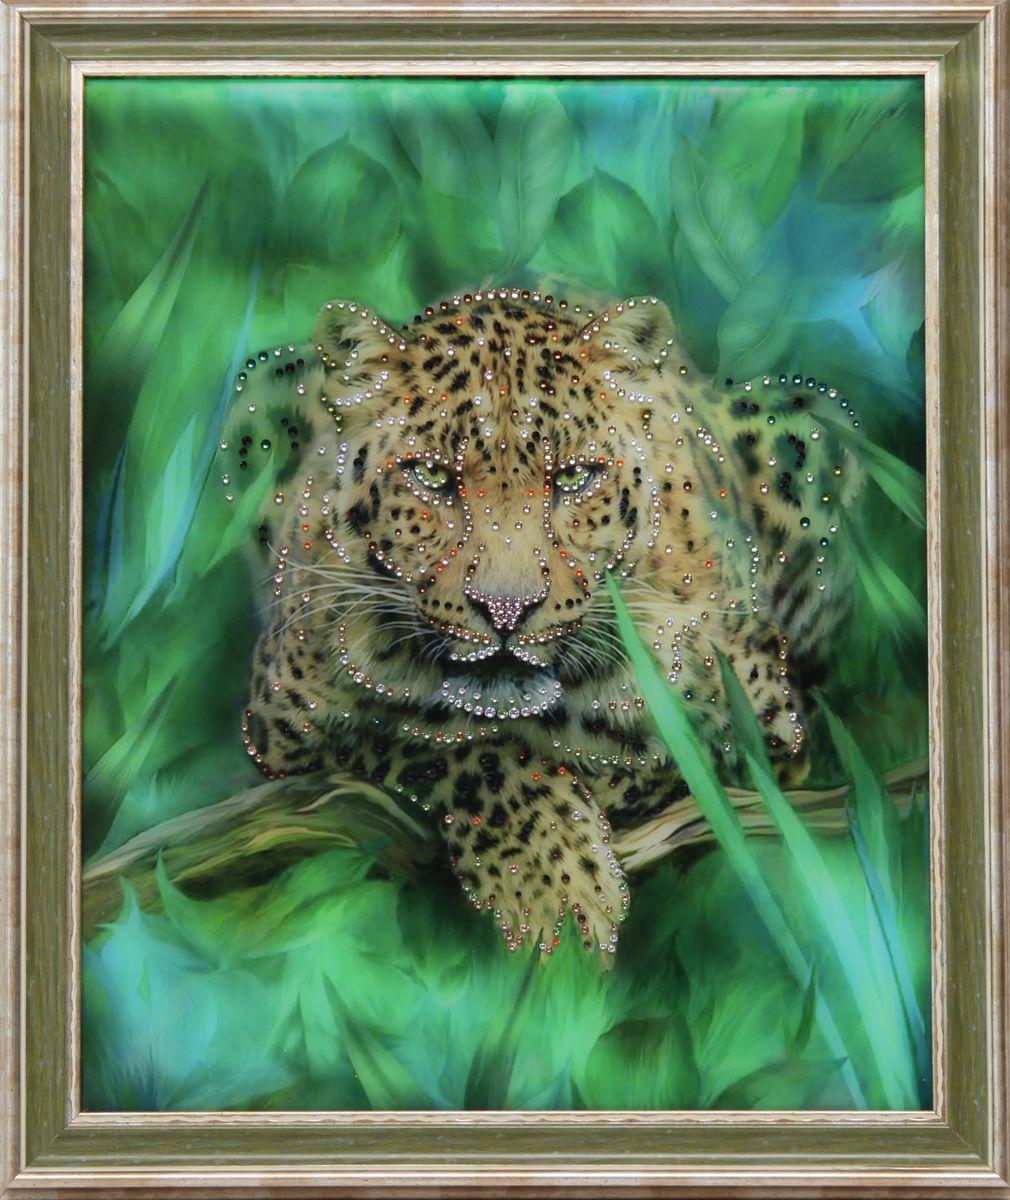 1622 Картина Сваровски ГепардSL117.503.04стекло, хрусталь, алюминий. 56,7х46,7